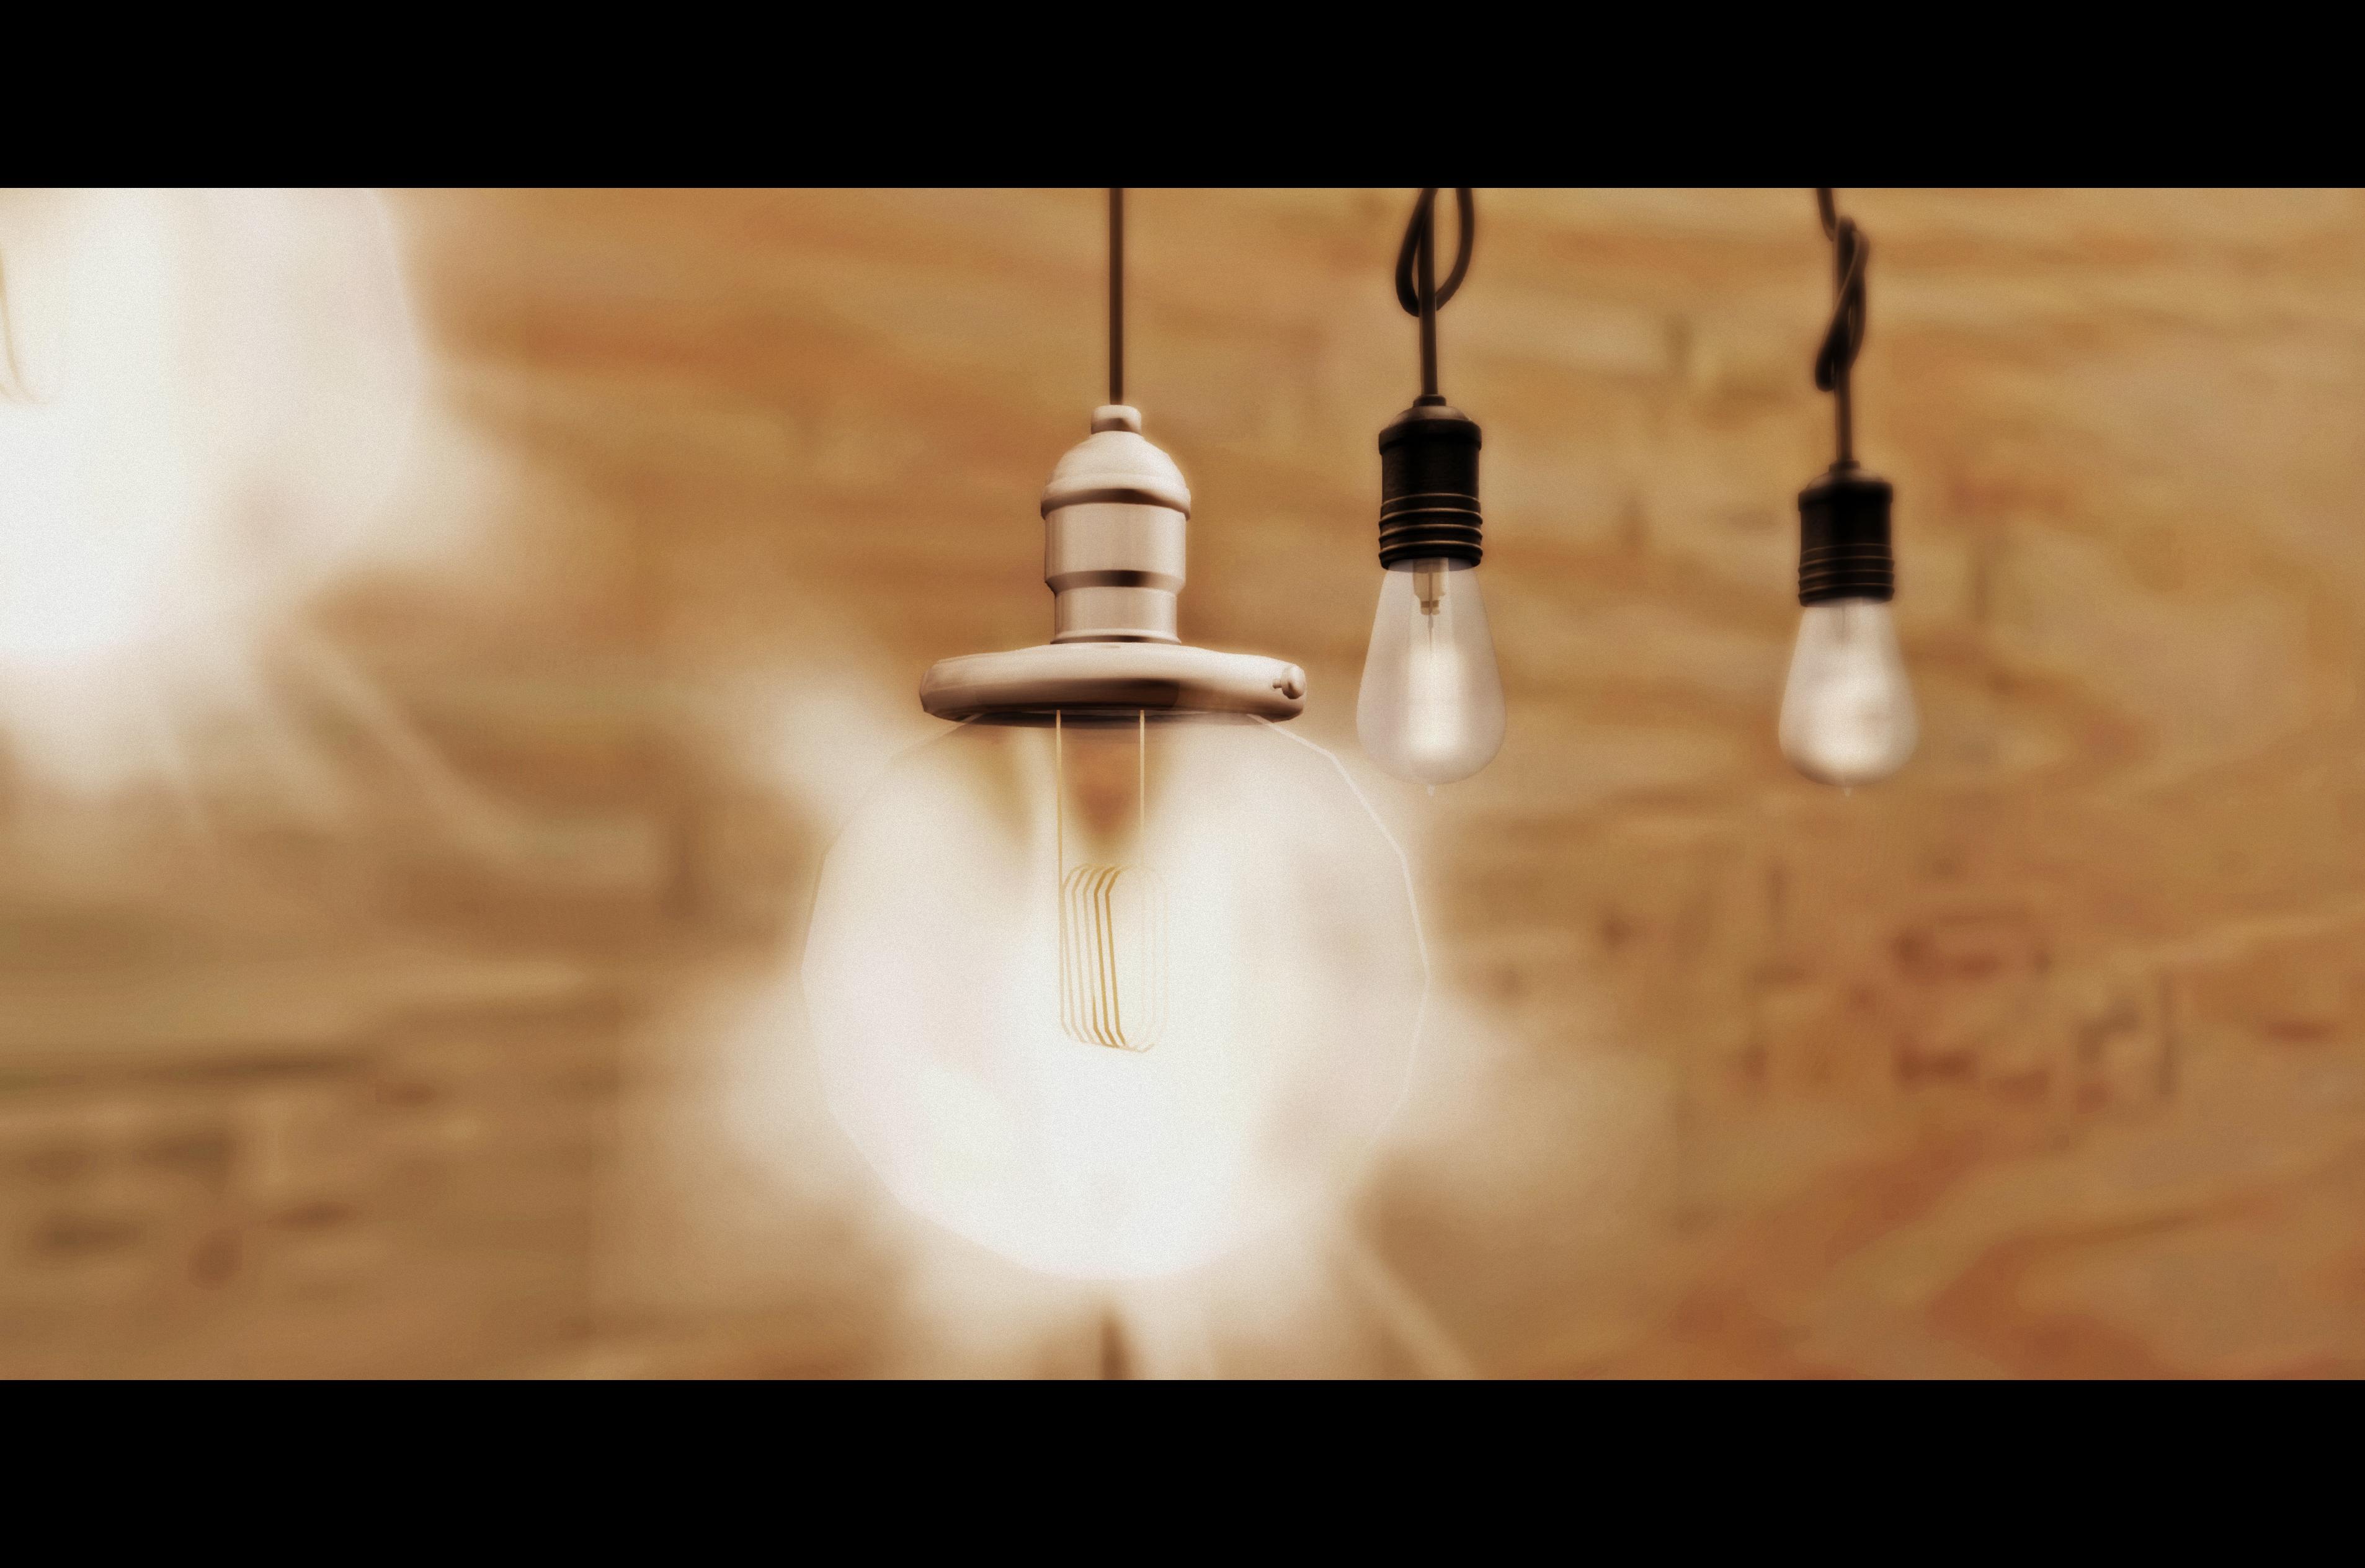 [ keke ] & Soy. Bulbs